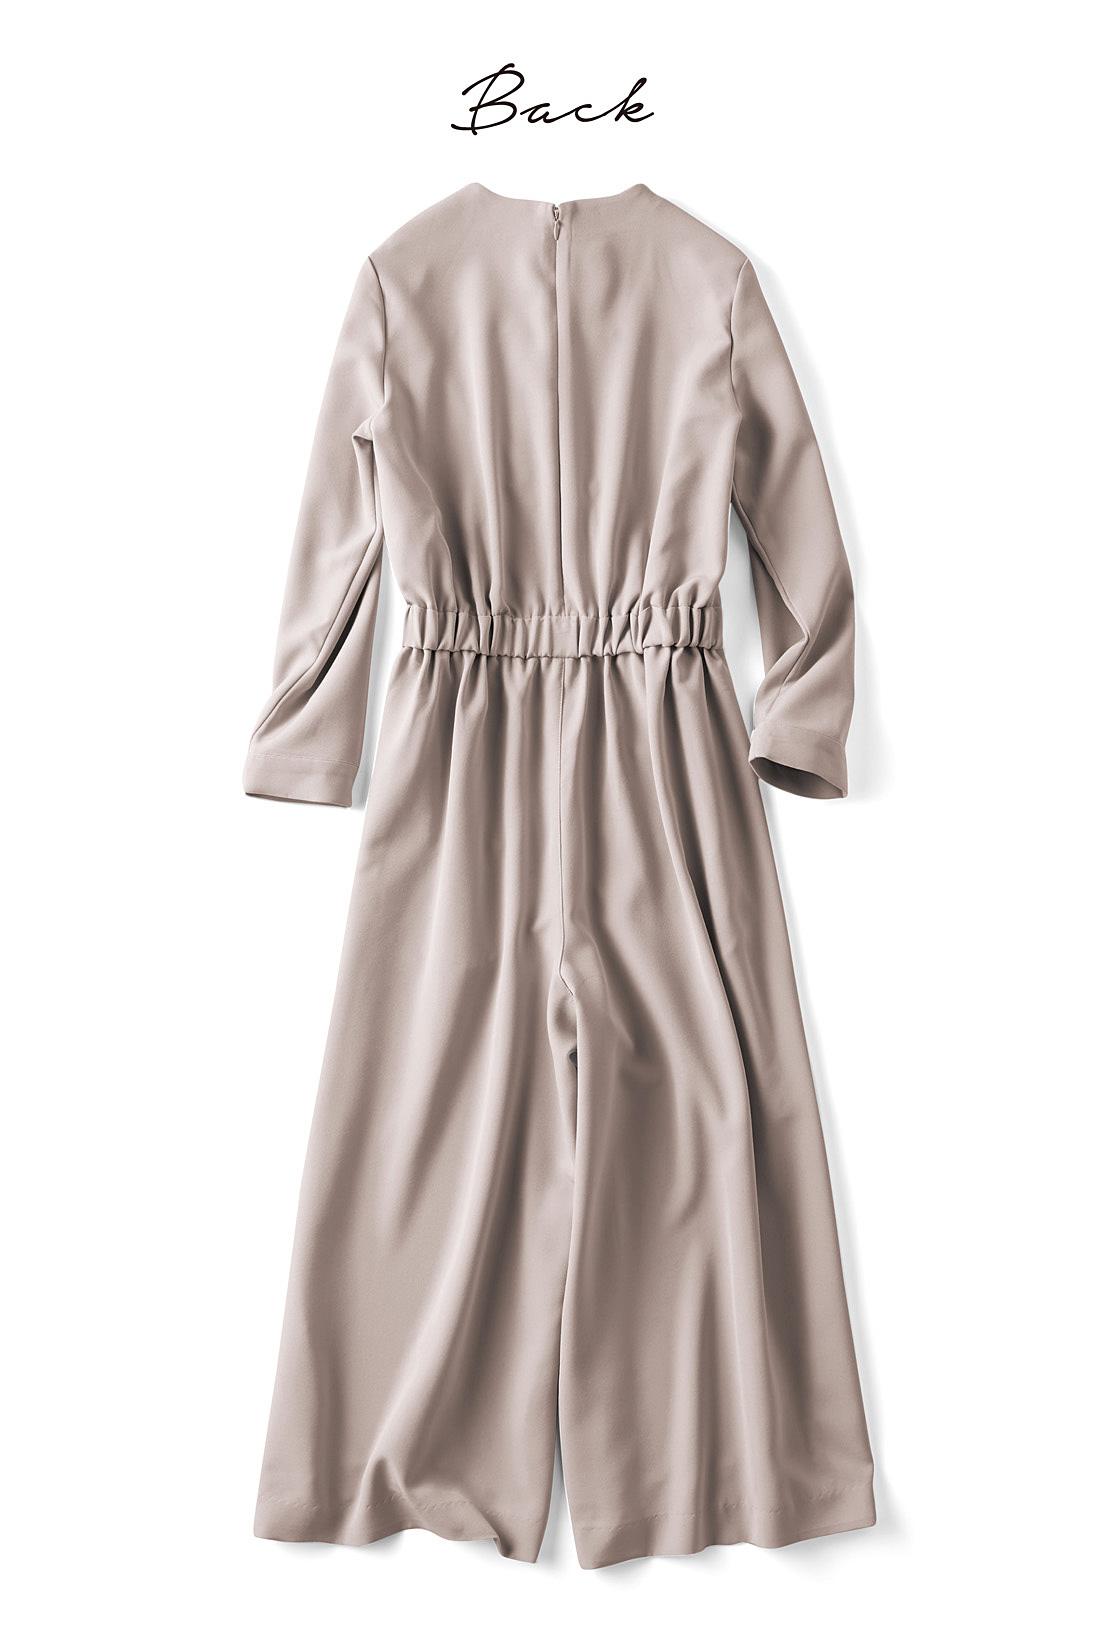 ファスナー付き&ウエストゴム仕様だから着脱もらくちん。※お届けするカラーとは異なります。